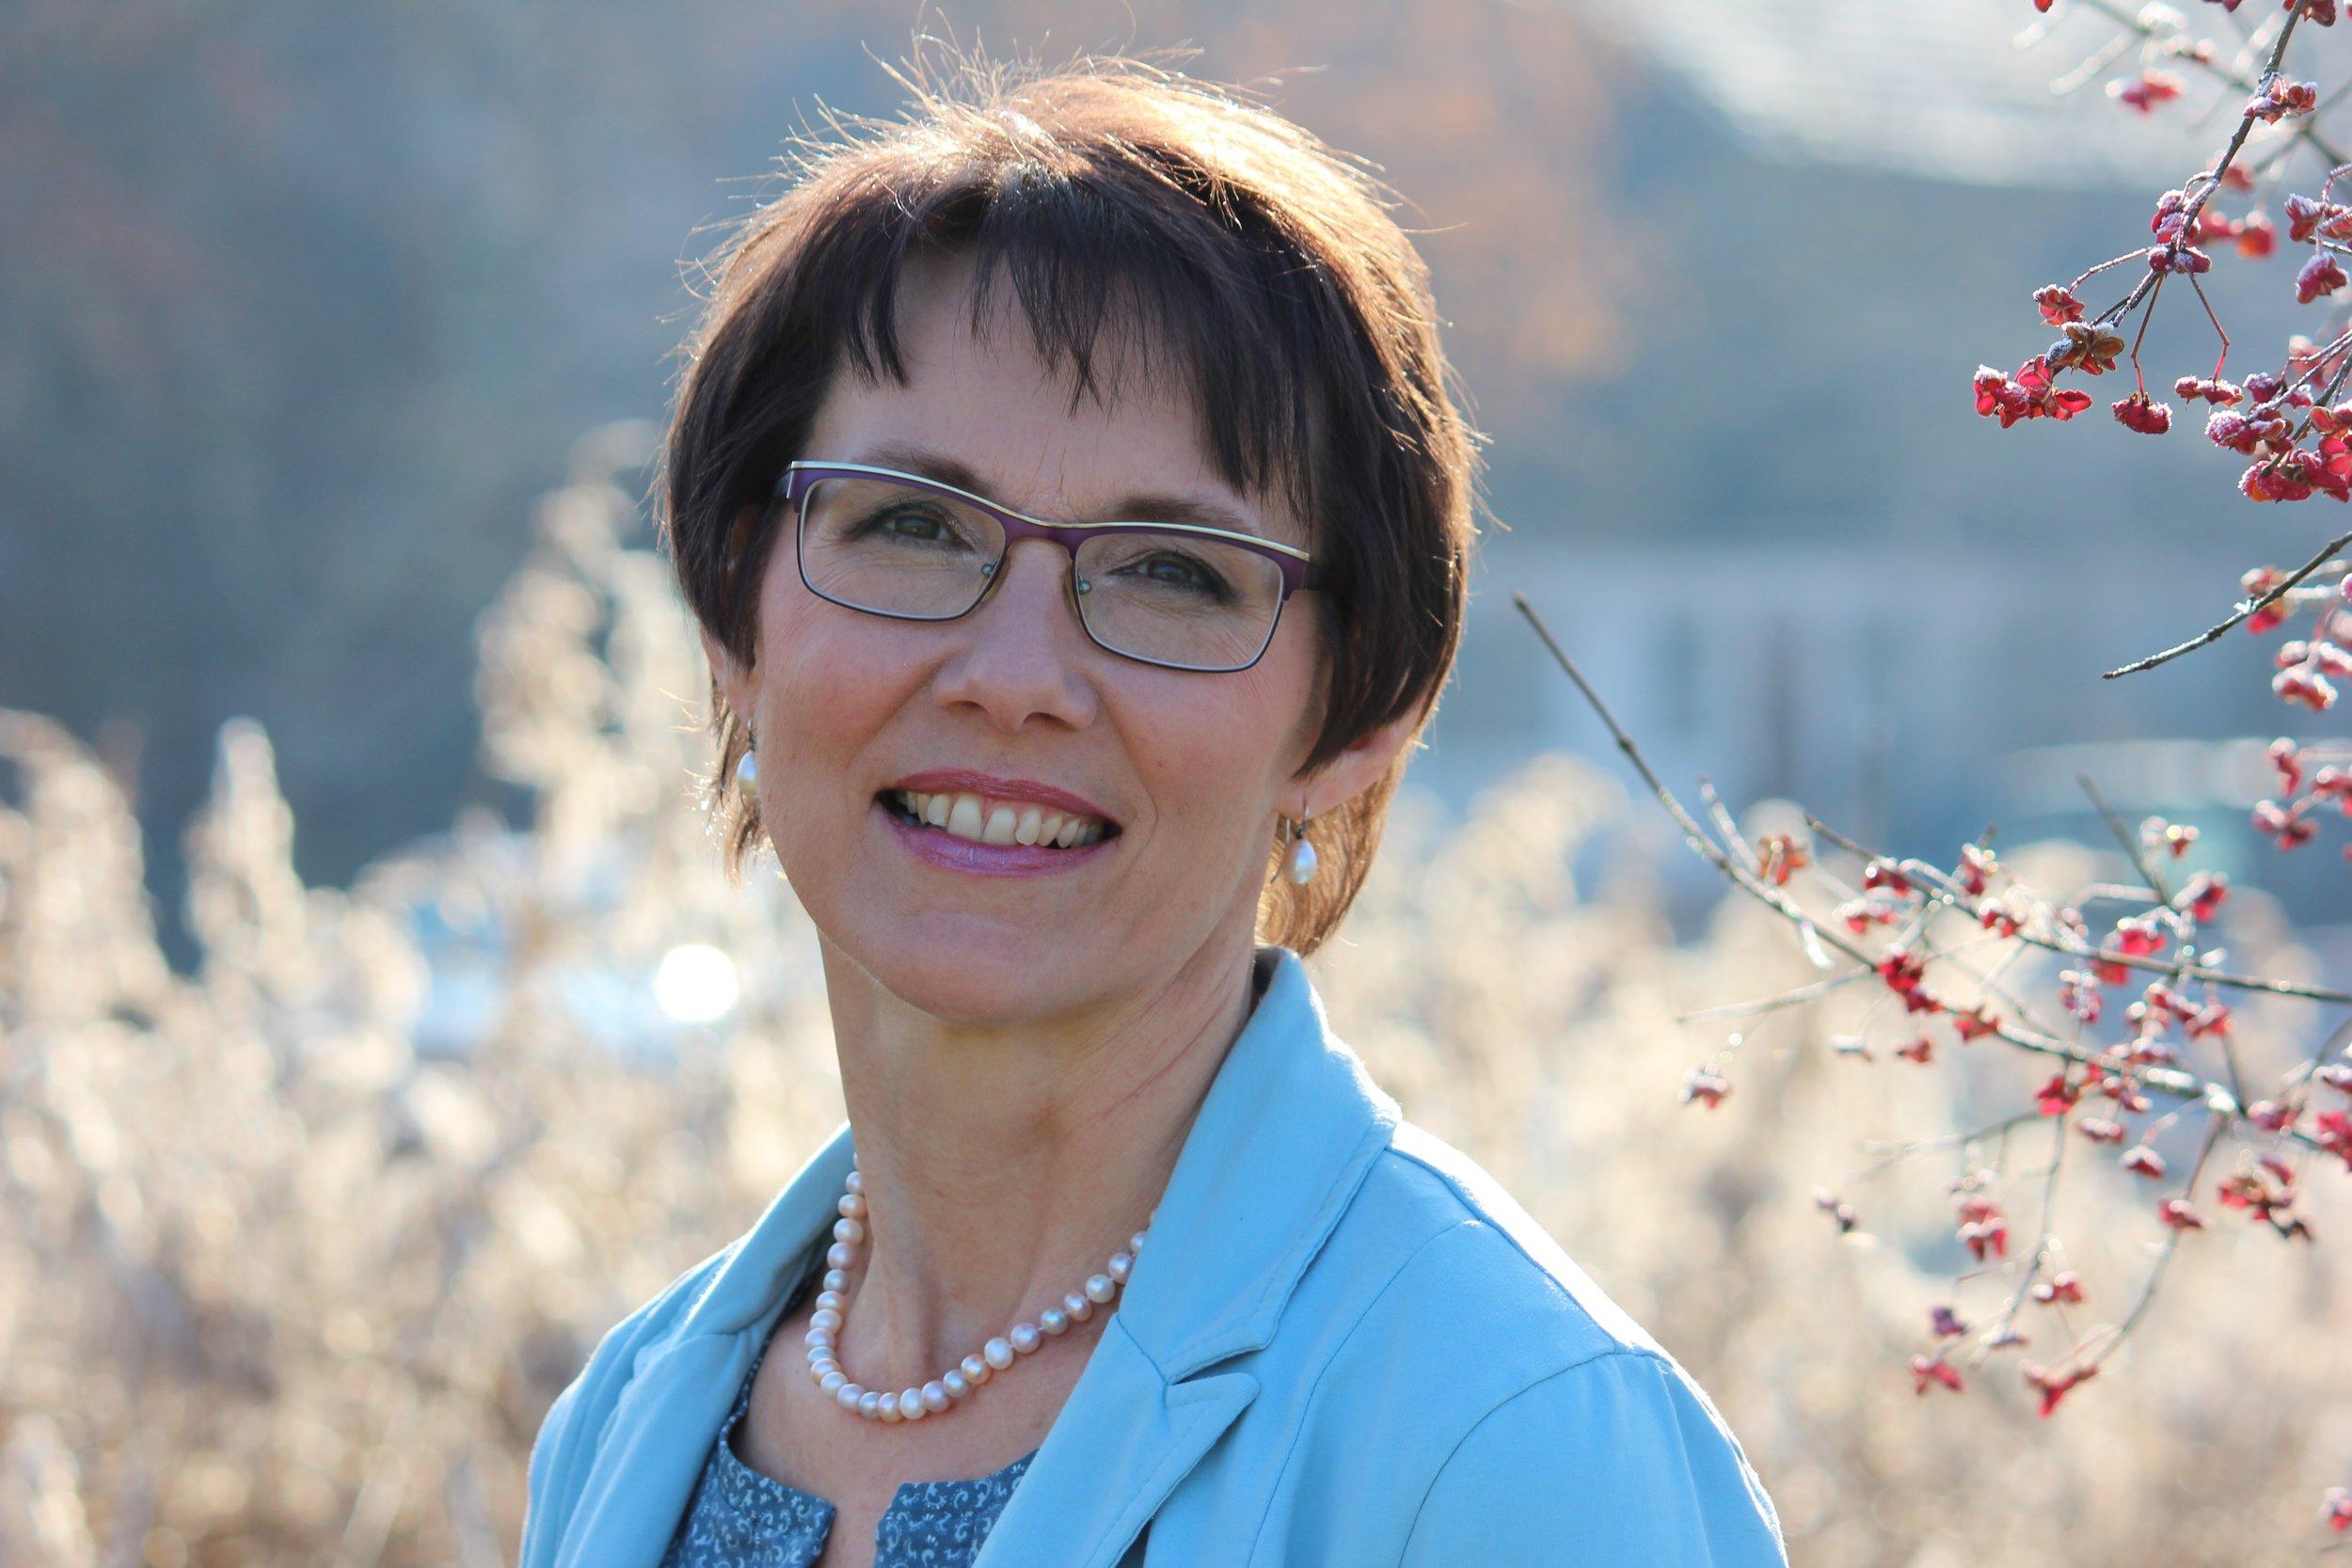 Gesundheitsberatung Elisabeth Galanti, ganz-gesund.net, Massage